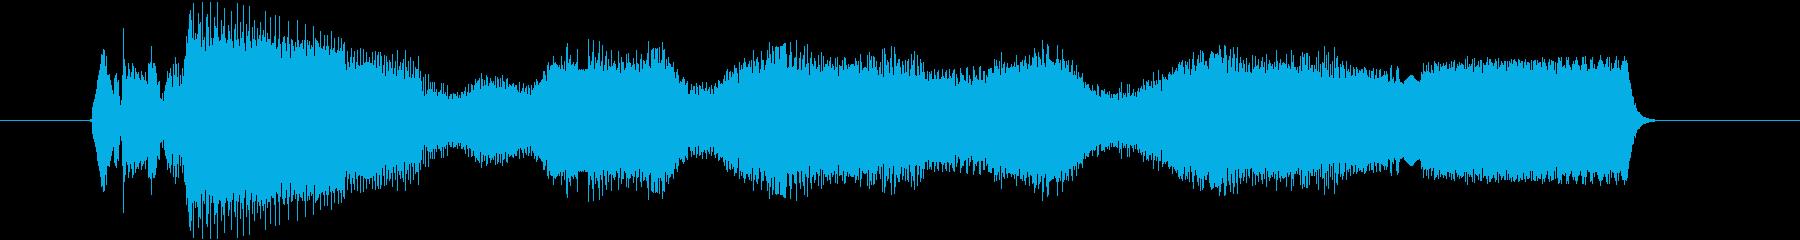 脳を直撃する電気ノイズの再生済みの波形